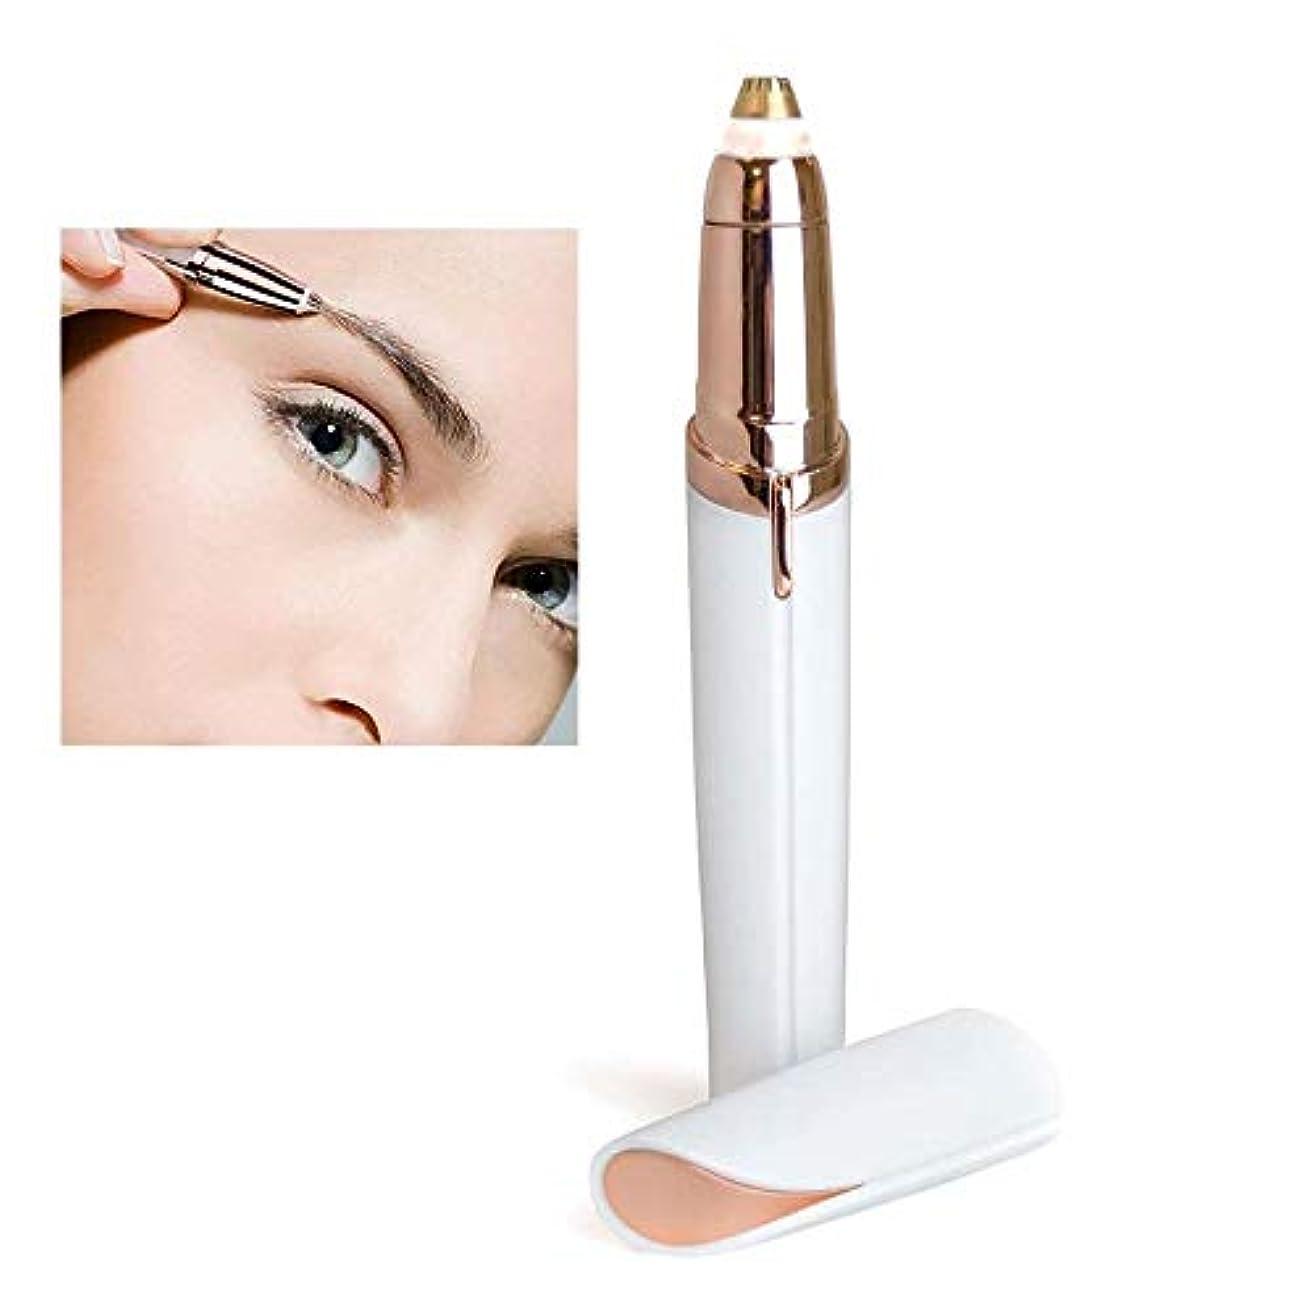 悲観的電子レンジ設置Thread Eyebrows Women Epilator Eyebrow Repair Hair Removal Machine Painless Mini Lipstick Epilator Hair Removal Device Colour: White (スレッド眉毛女性脱毛器眉毛修理脱毛機無痛ミニ口紅脱毛器脱毛器色:白)